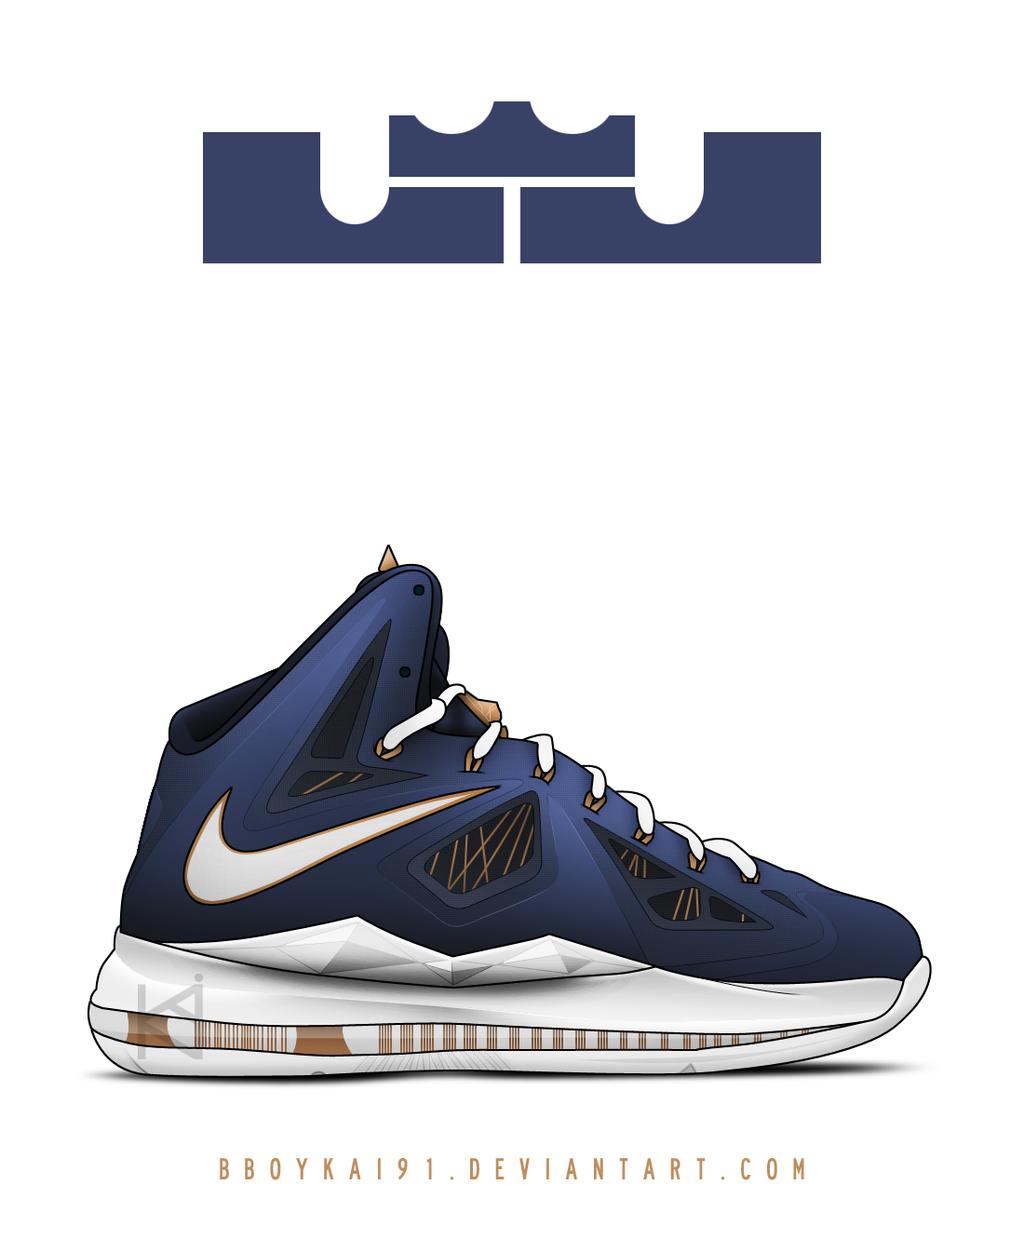 Nike Lebron X+ 'Akron' by BBoyKai91